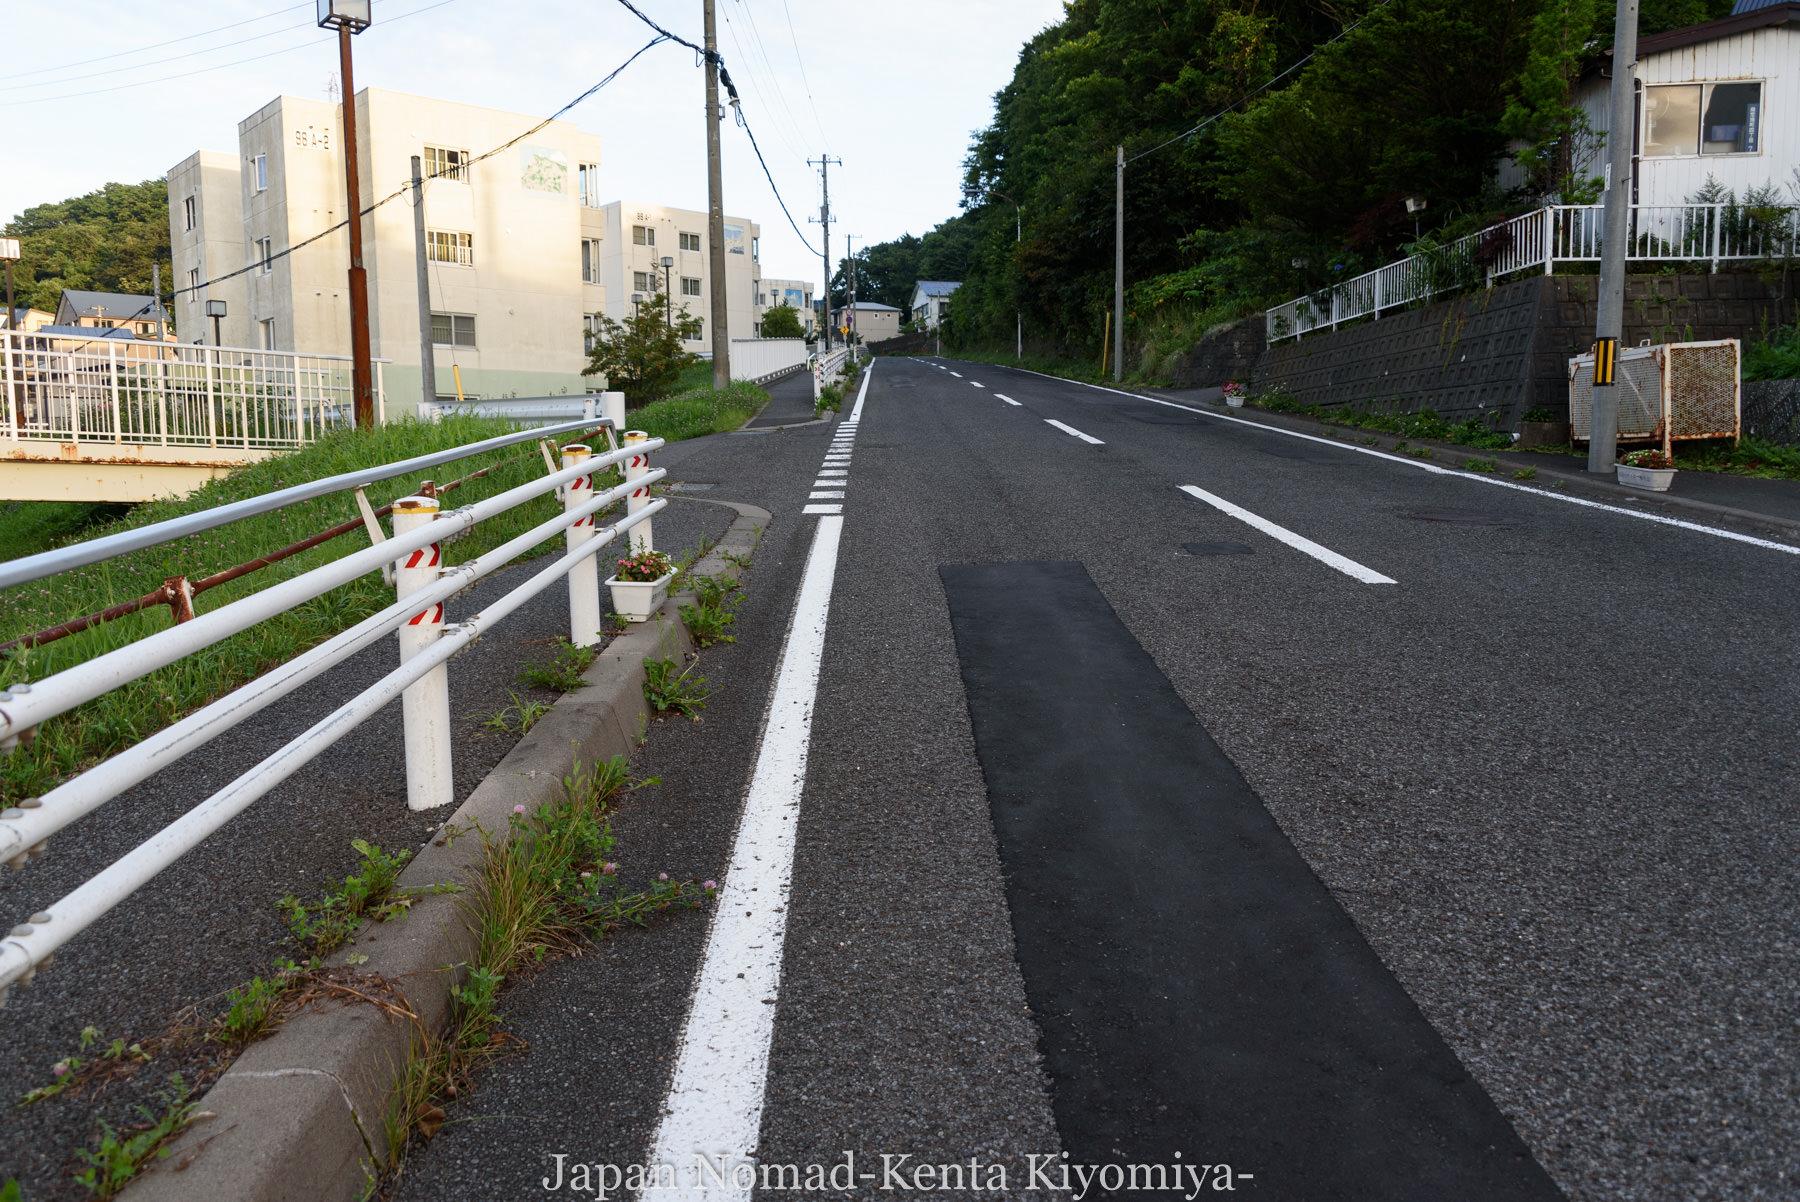 自転車日本一周114日目(地球岬、室蘭工場夜景)-Japan Nomad (12)